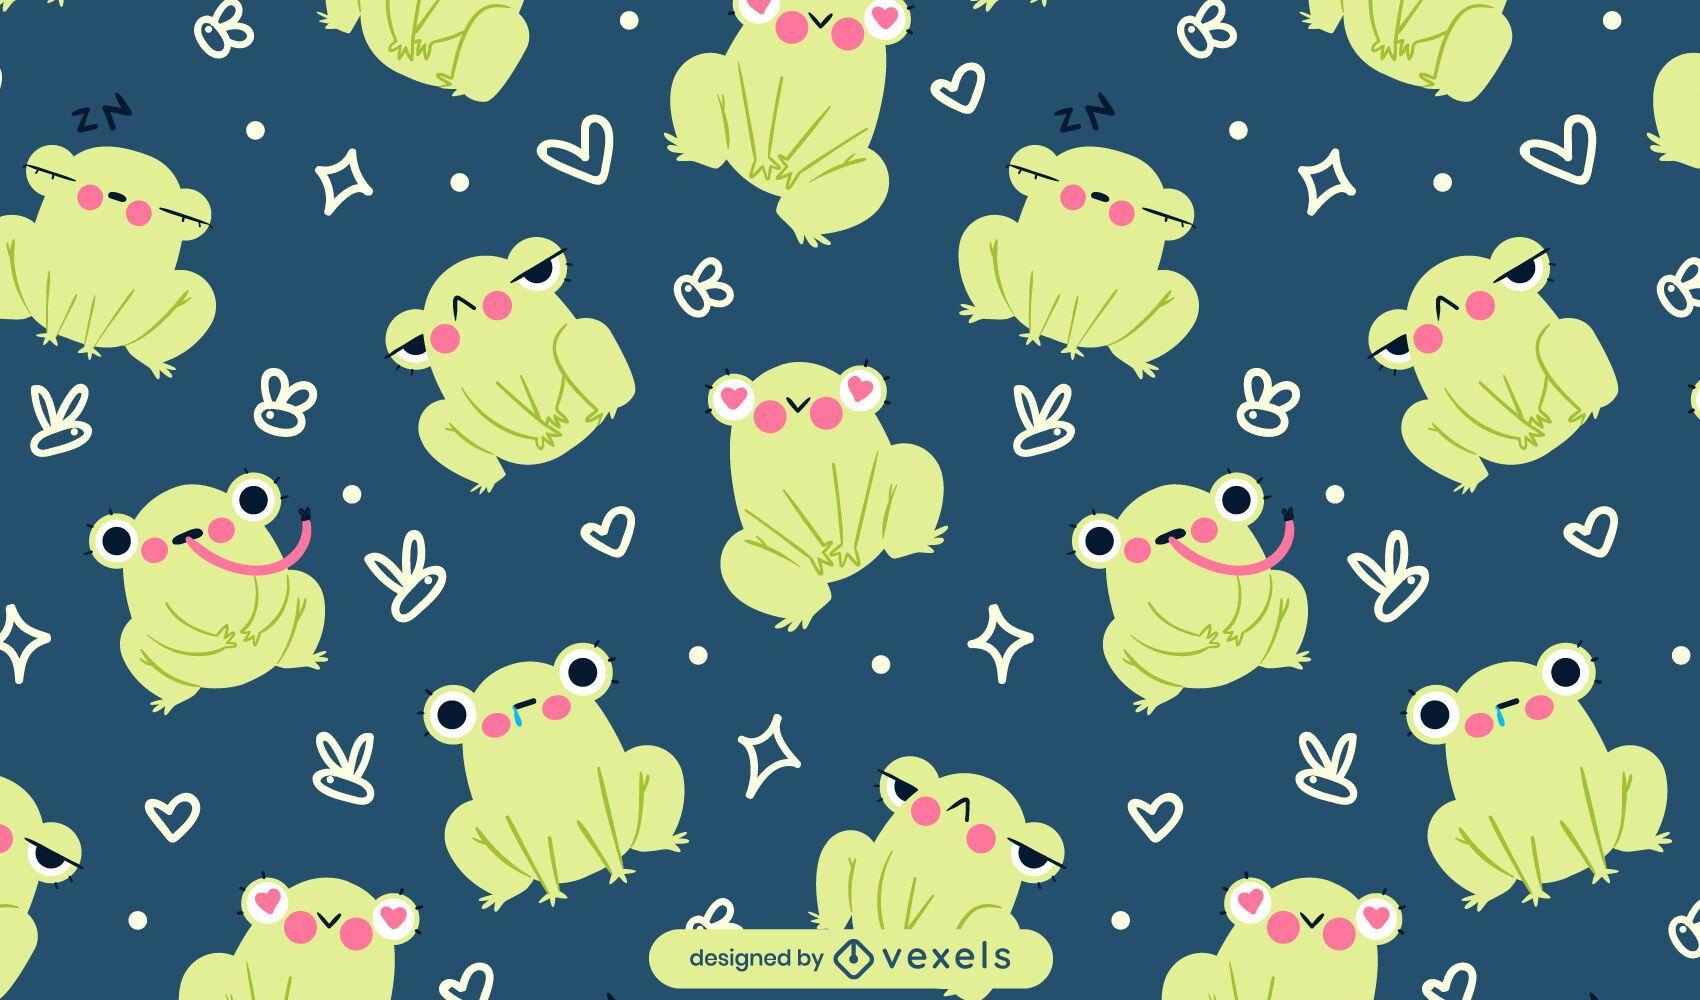 Diseño de patrón de ranas de dibujos animados lindo